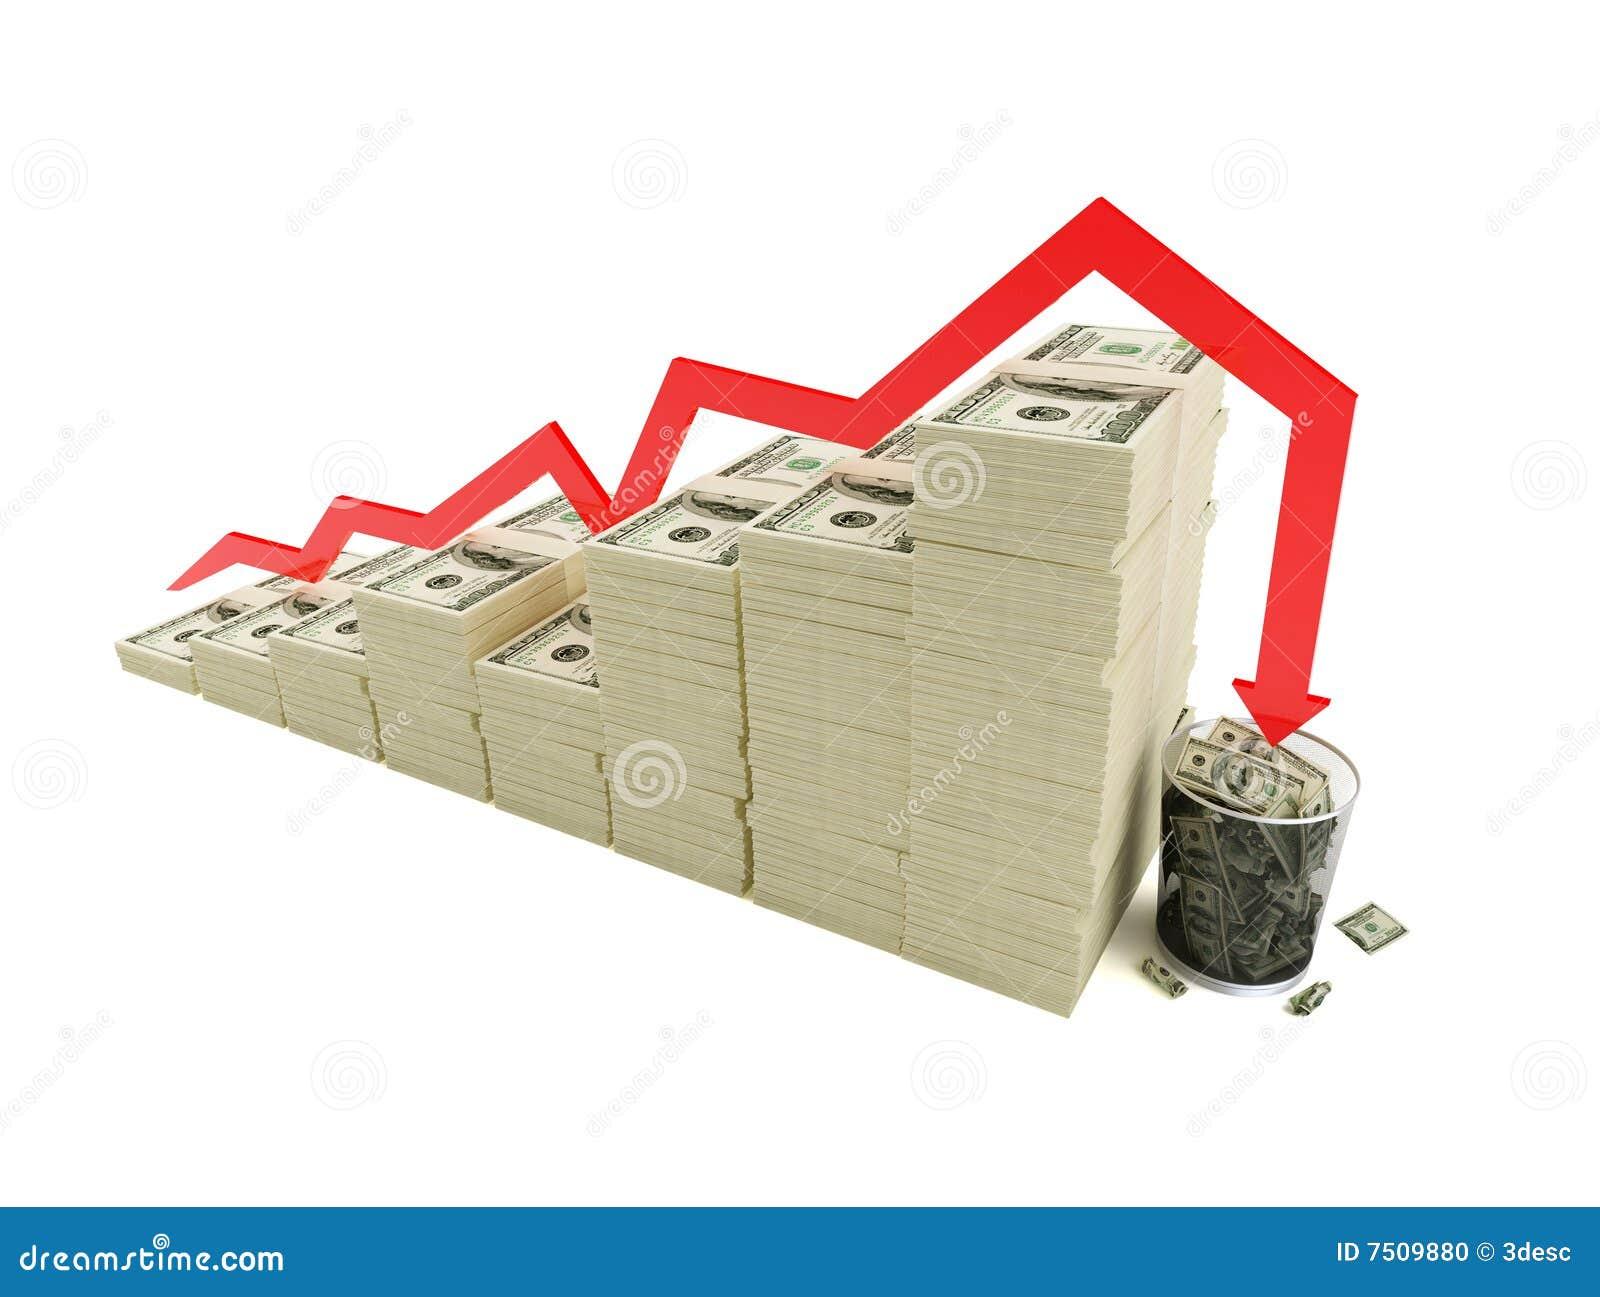 Financial crisis trash bucket